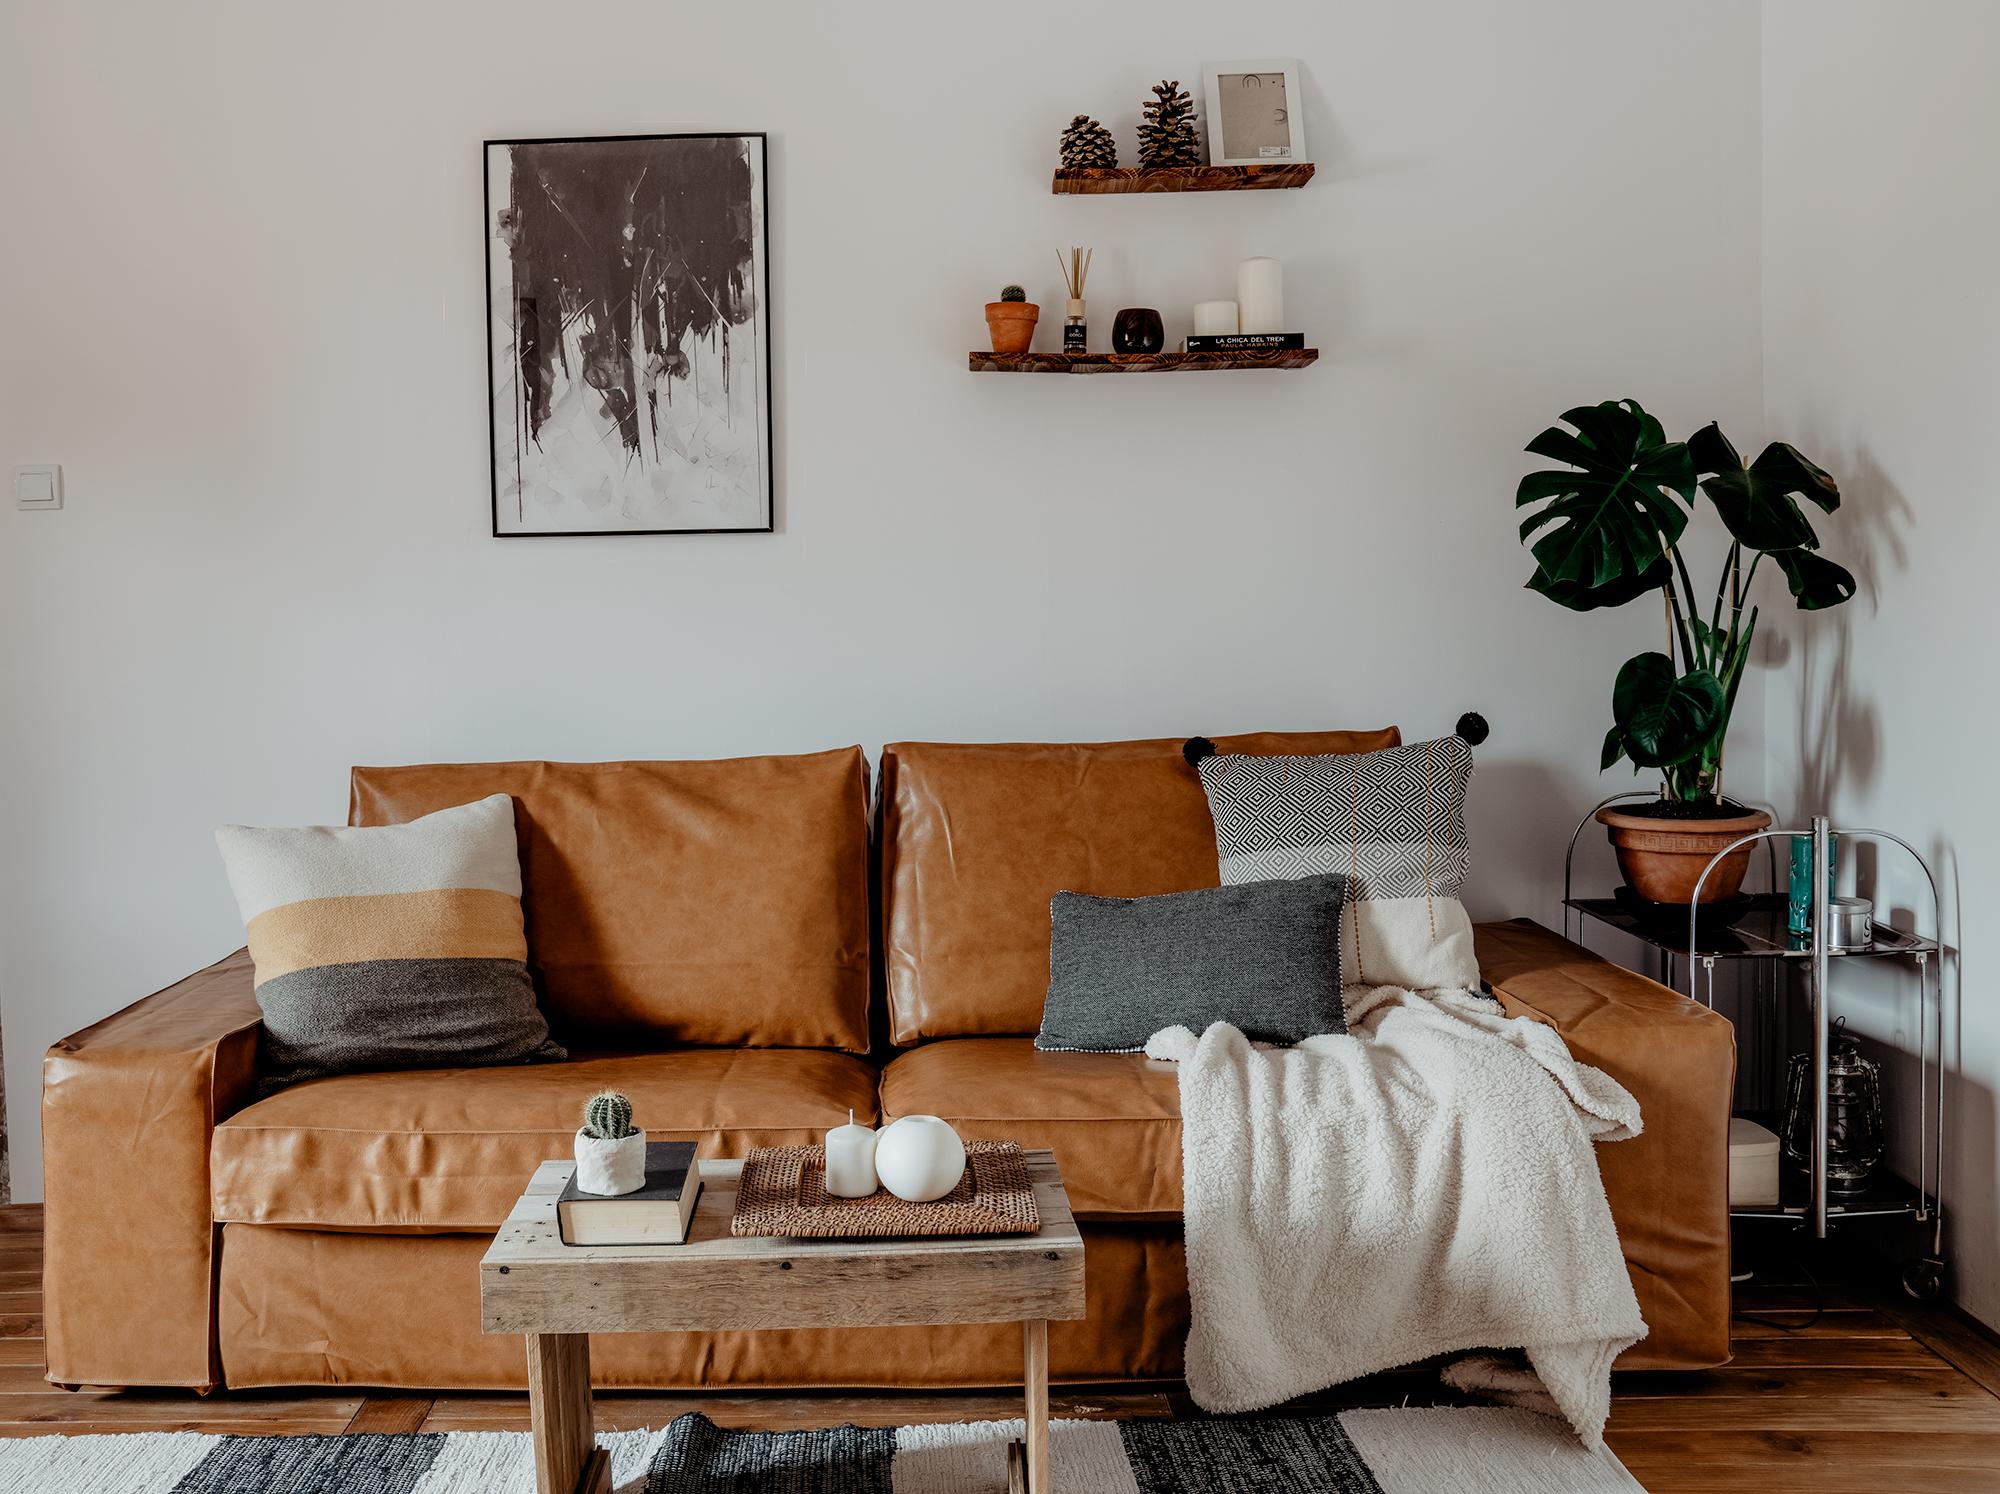 レザー調のソファは空間に重厚感を持たせ暖かな印象に変化させます。